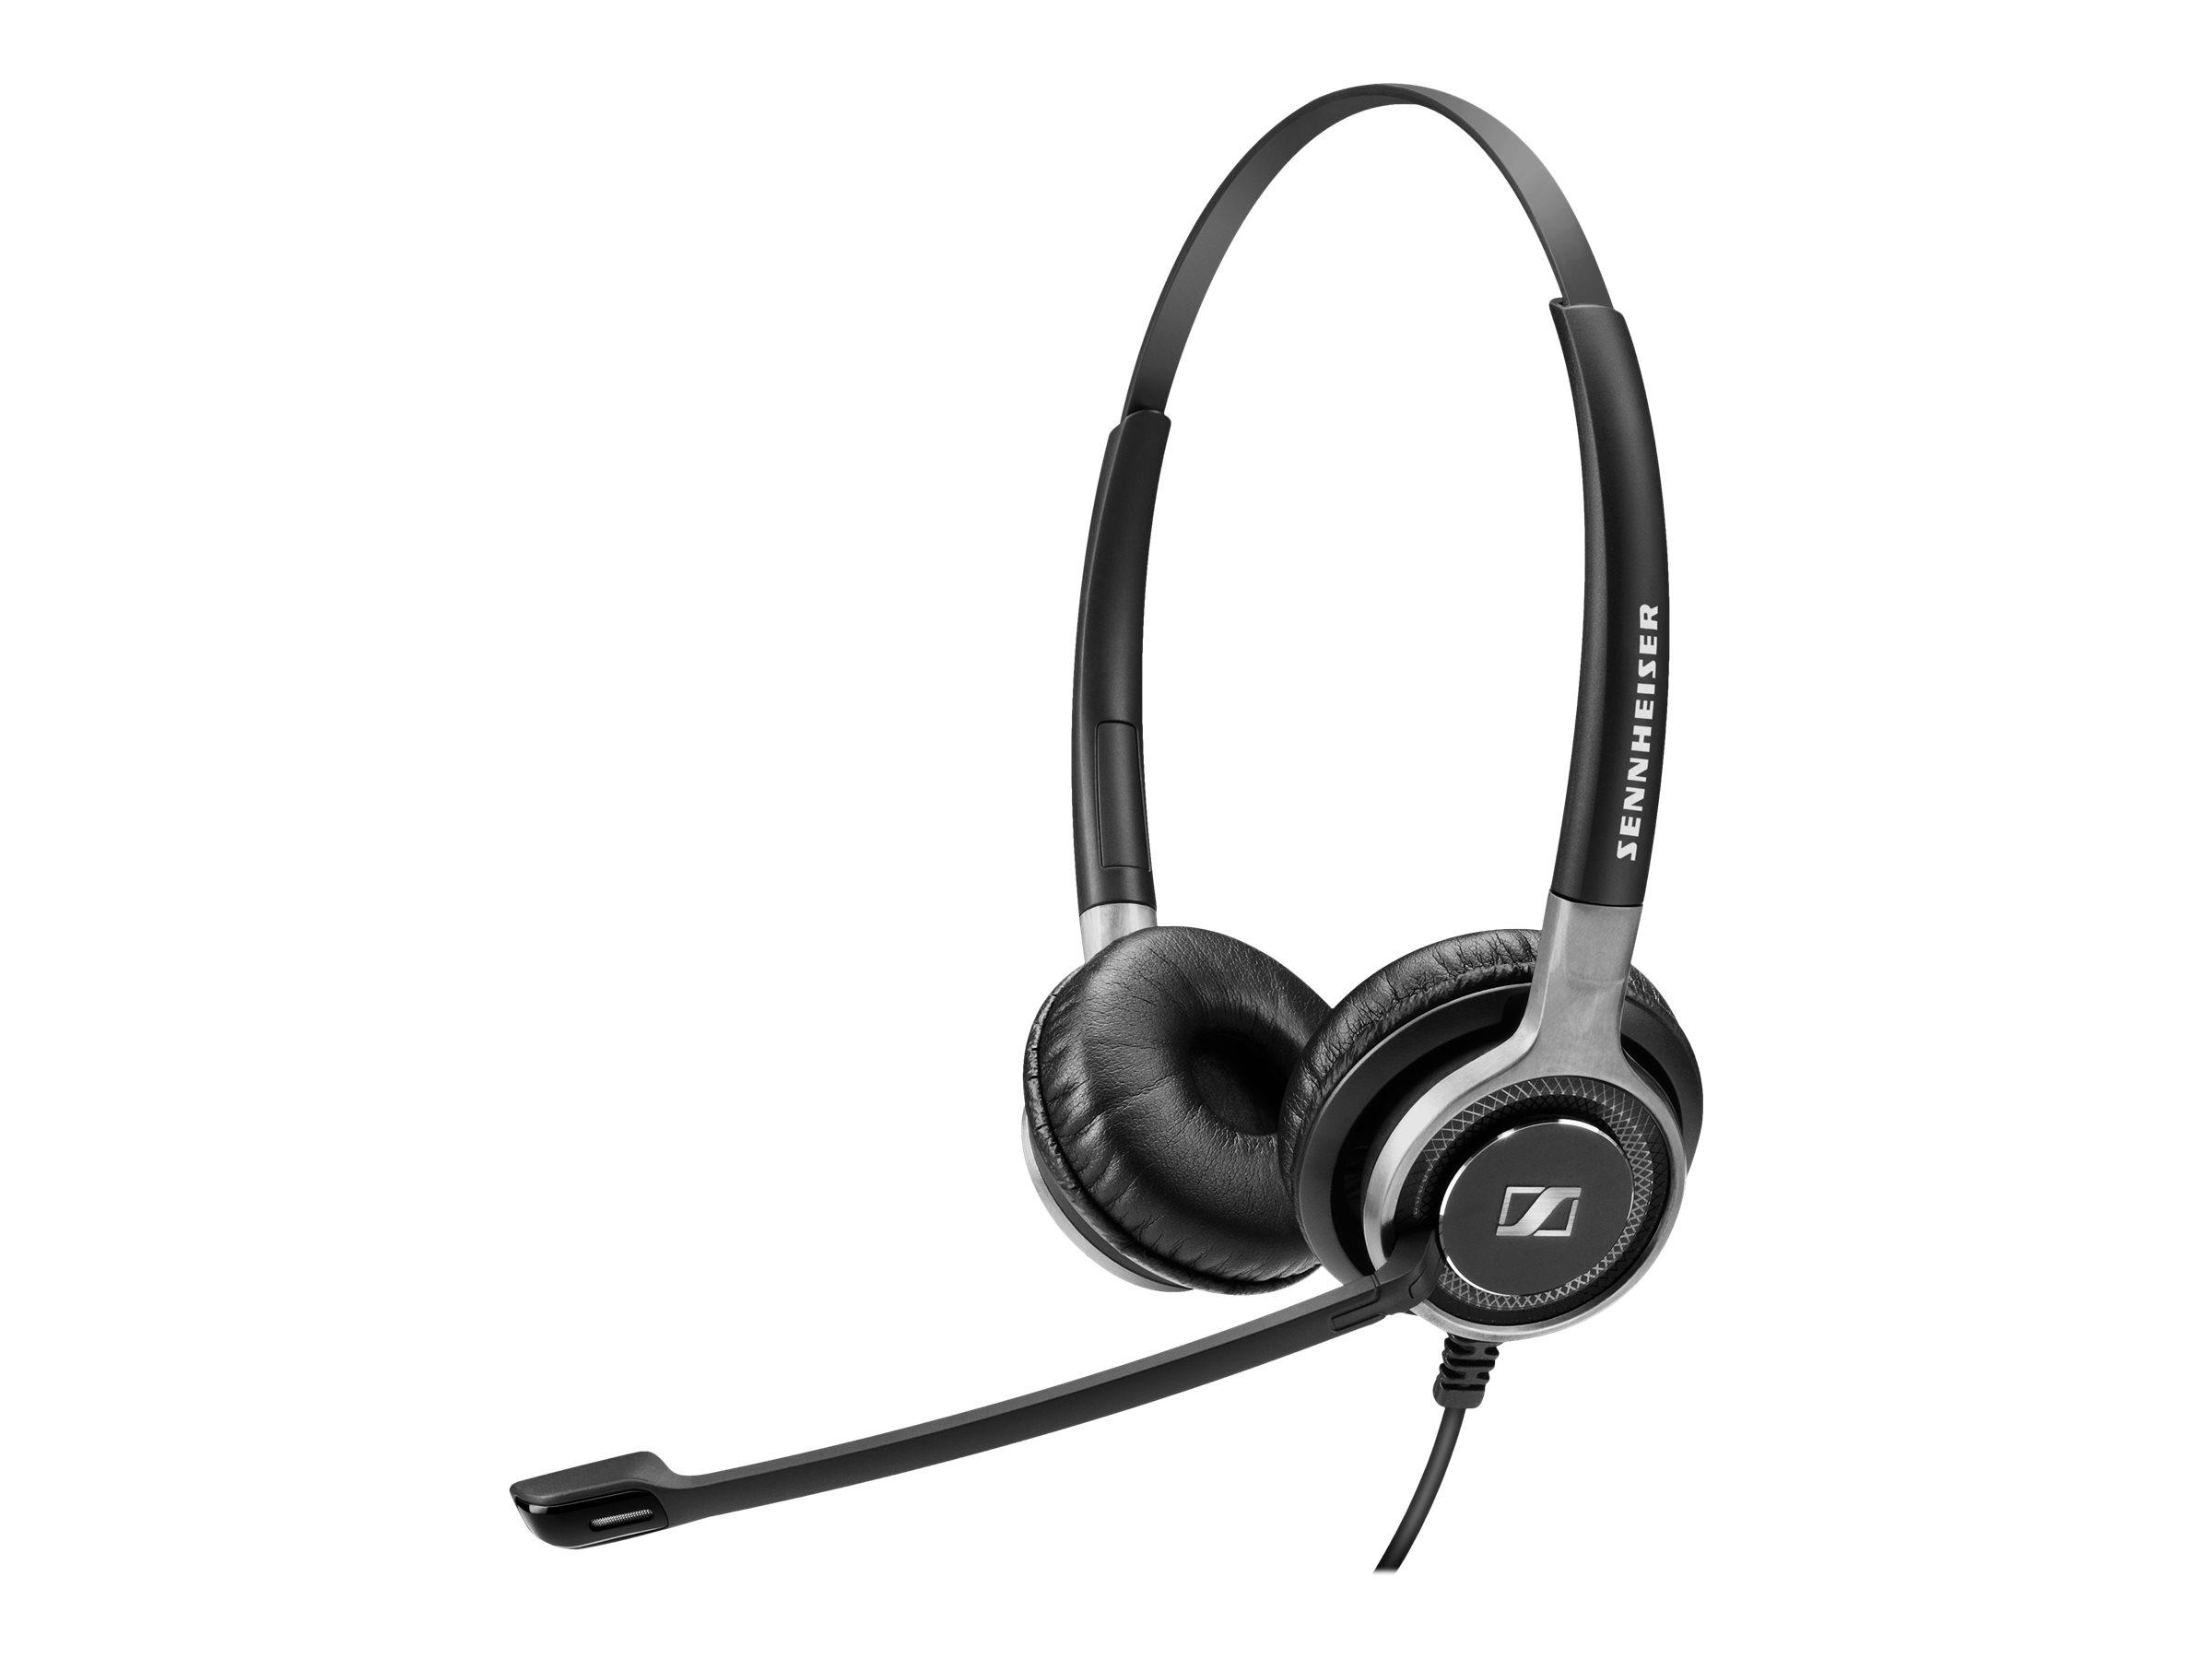 Sennheiser Century SC 660 - Headset - On-Ear - kabelgebunden - Easy Disconnect - Schwarz mit Silber